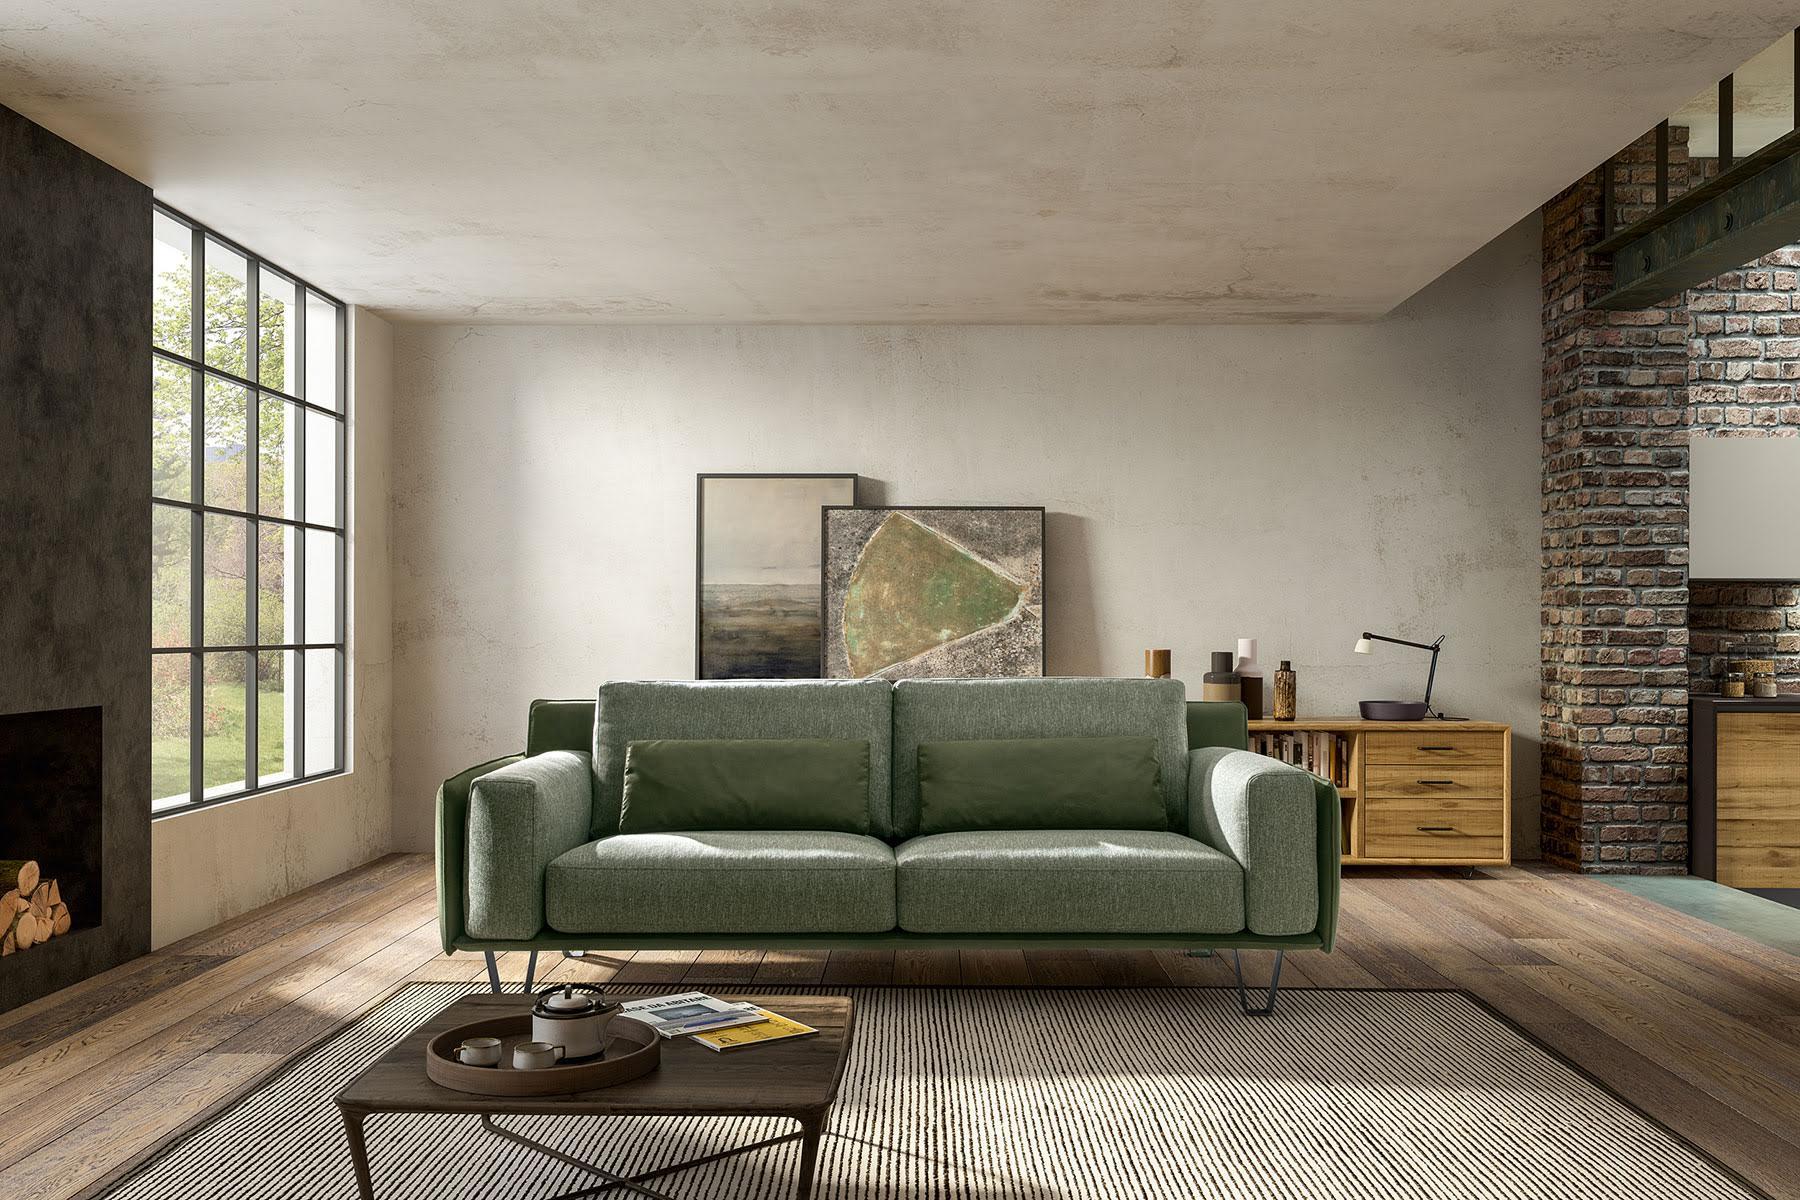 Ricci arredamenti negozio di arredamento e progettazione d 39 interni nelle marche a porto sant - Poltrone ricci casa ...